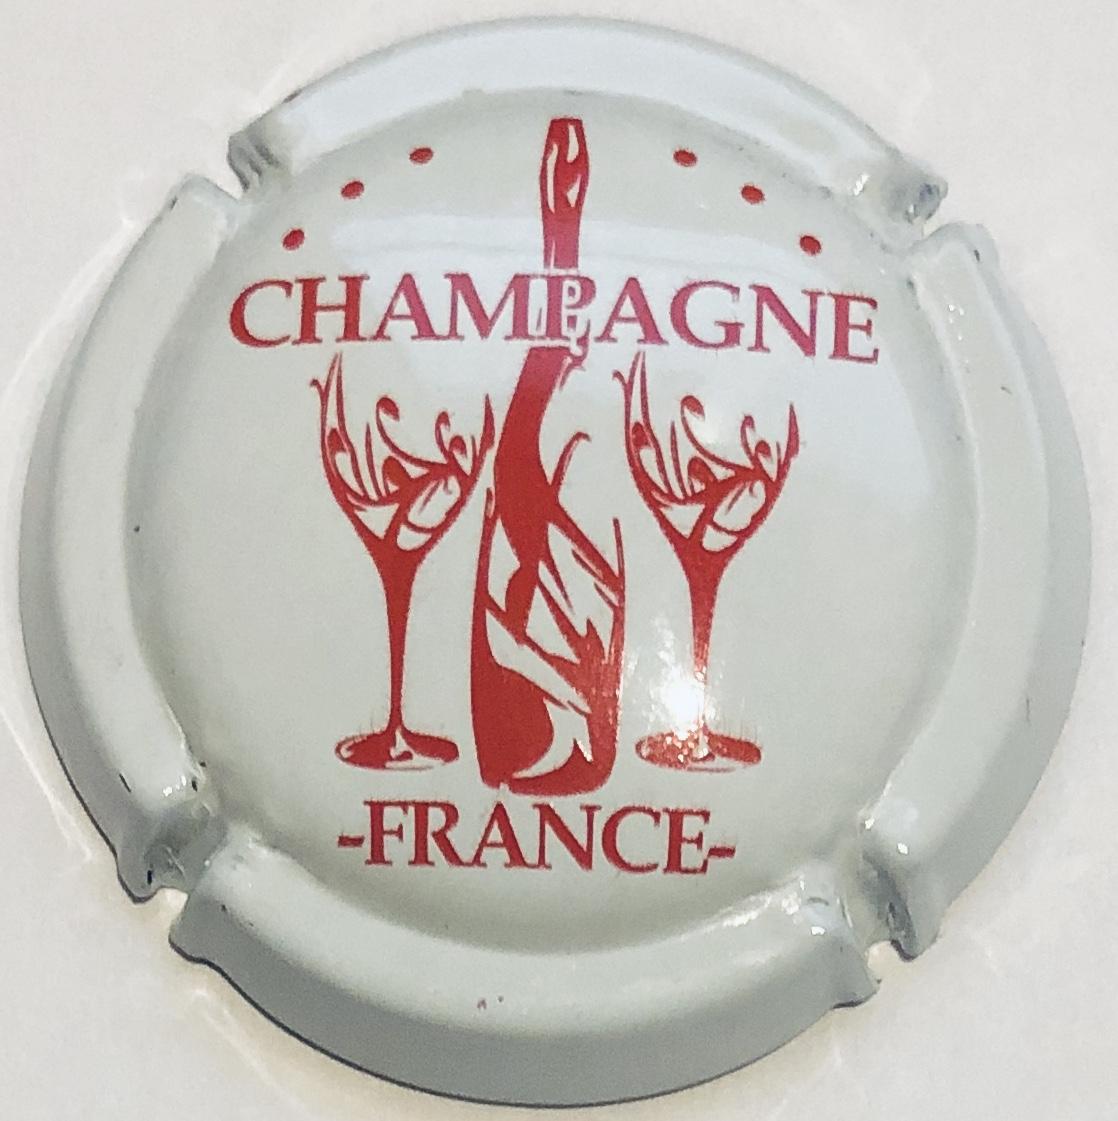 JEROBOAM CHAMPAGNE GENERIQUE TOUR DE FRANCE 2020 NEWS